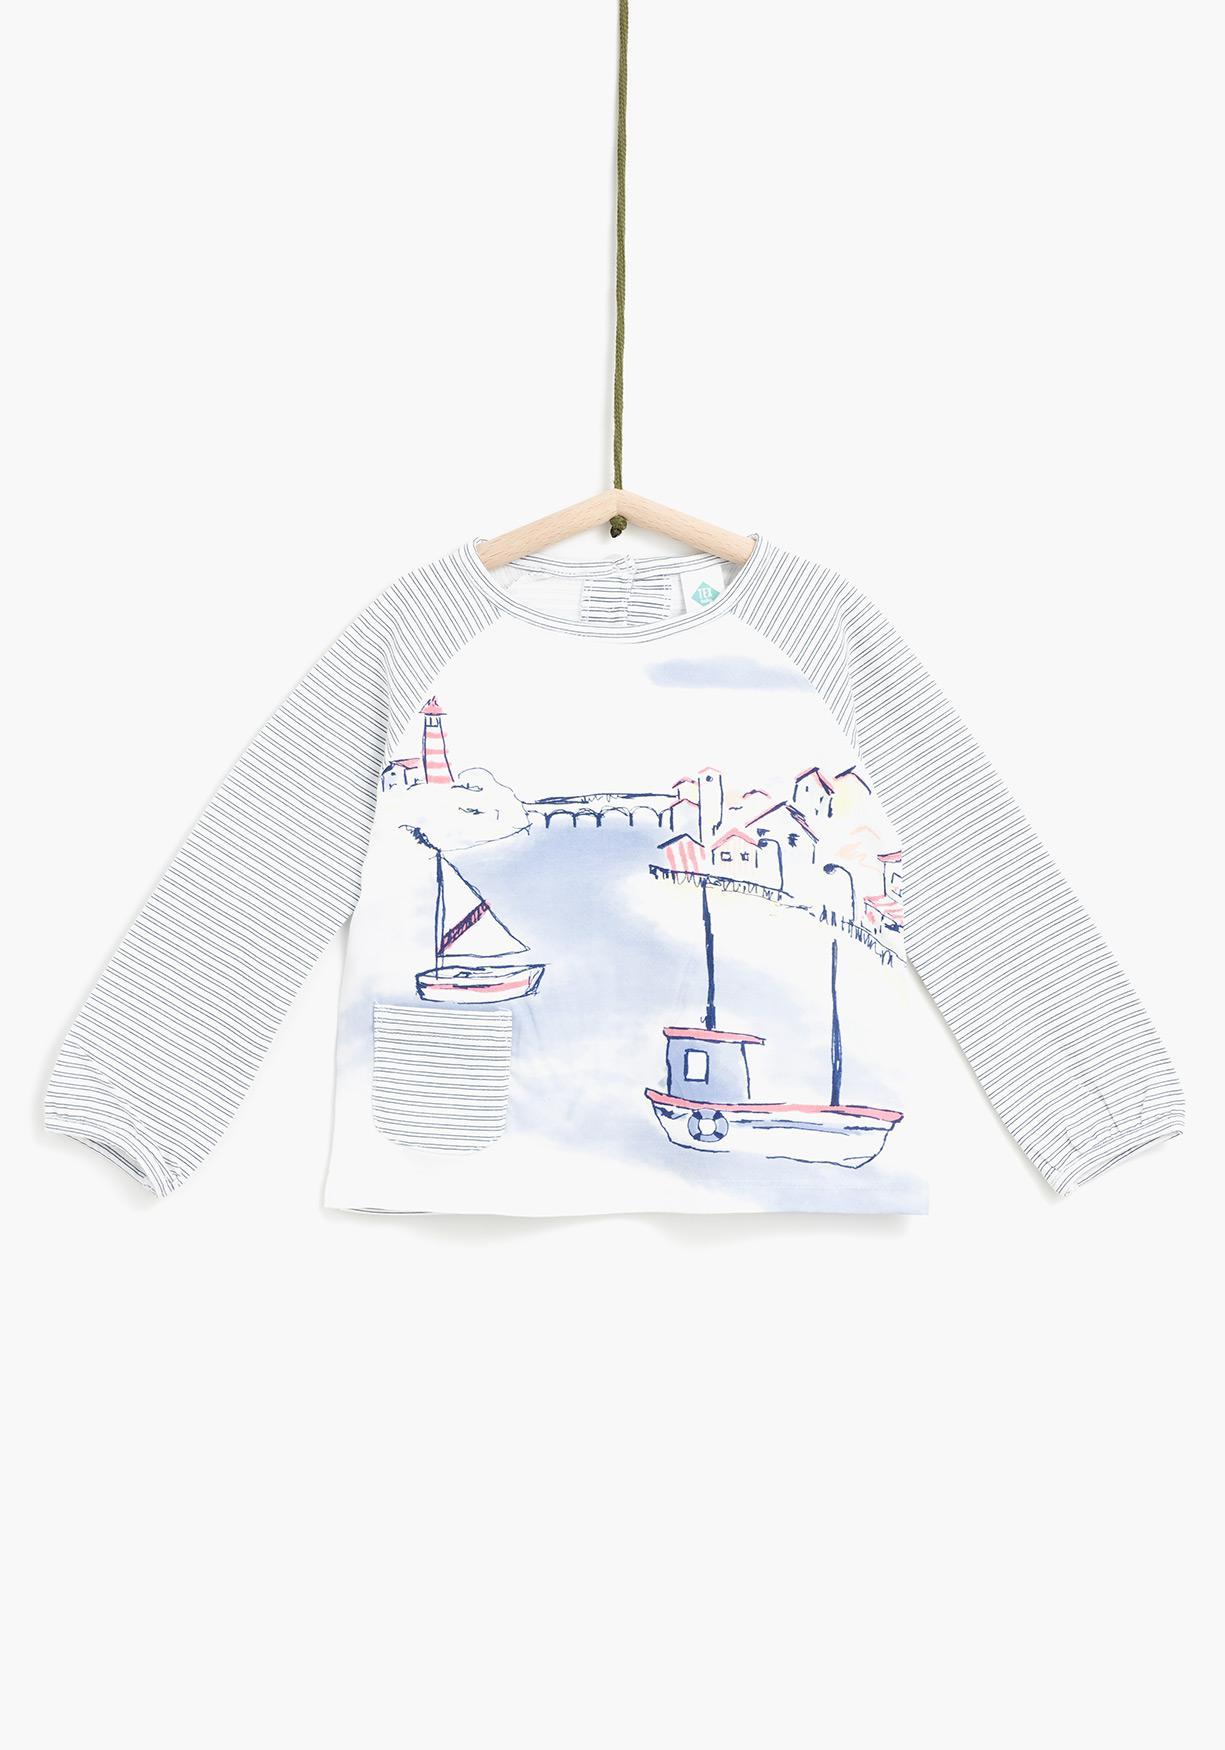 Comprar Camiseta estampada TEX. ¡Aprovéchate de nuestros precios y ... 990ffc6fd7b